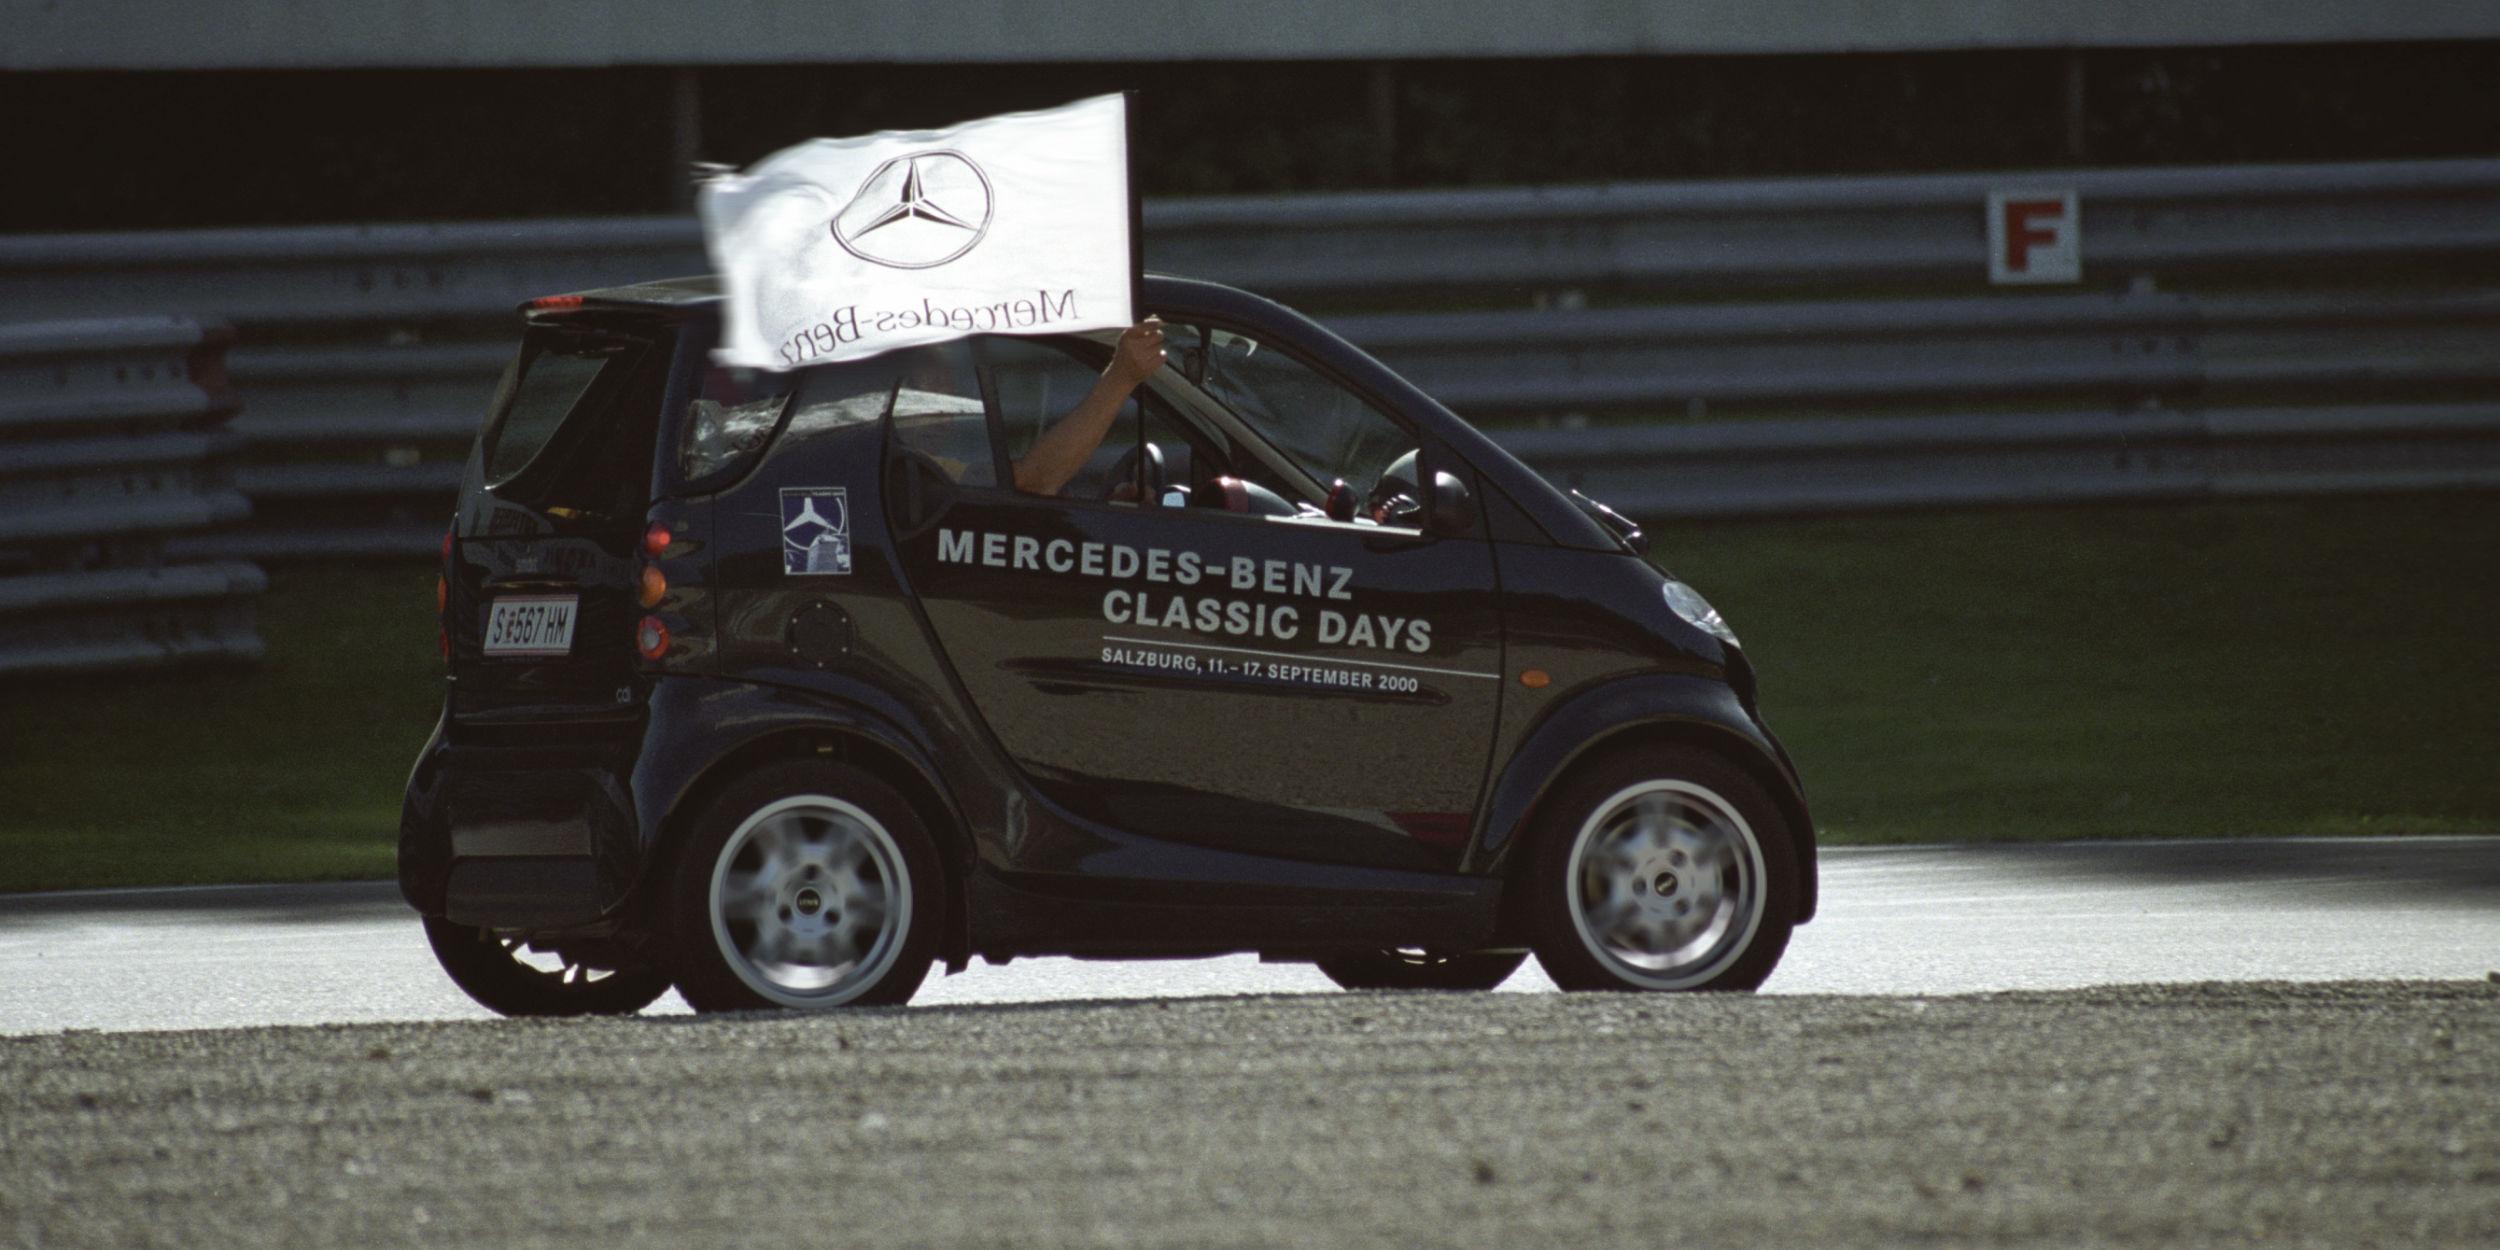 Eventfotografie Stuttgart Umgebung, Deutschland weit und International Classic Days Salzburg Salzburgring Rennstrecke Classic Cars Oldtimer Mercedes Classic Car Club Analogfotografie 7 Tage schwitzen Mercedes Benz